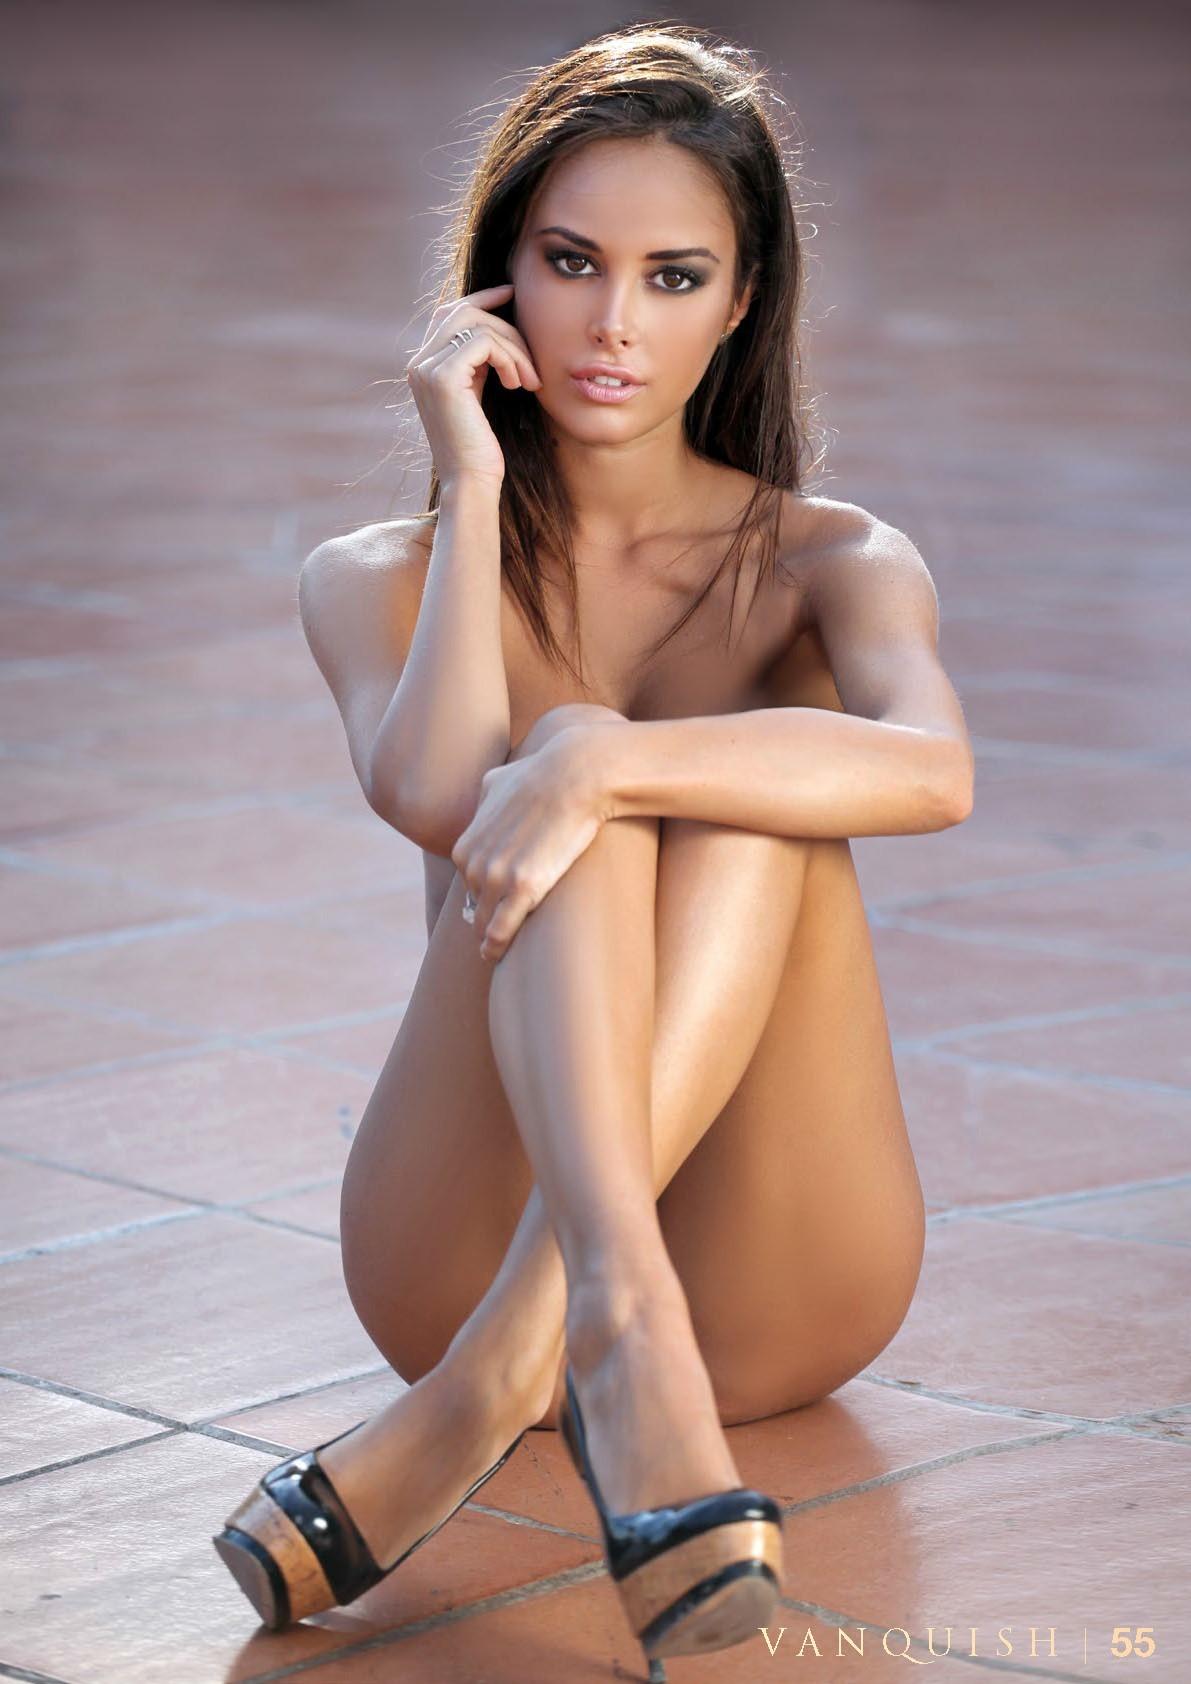 hot girl - Susanna Canzian